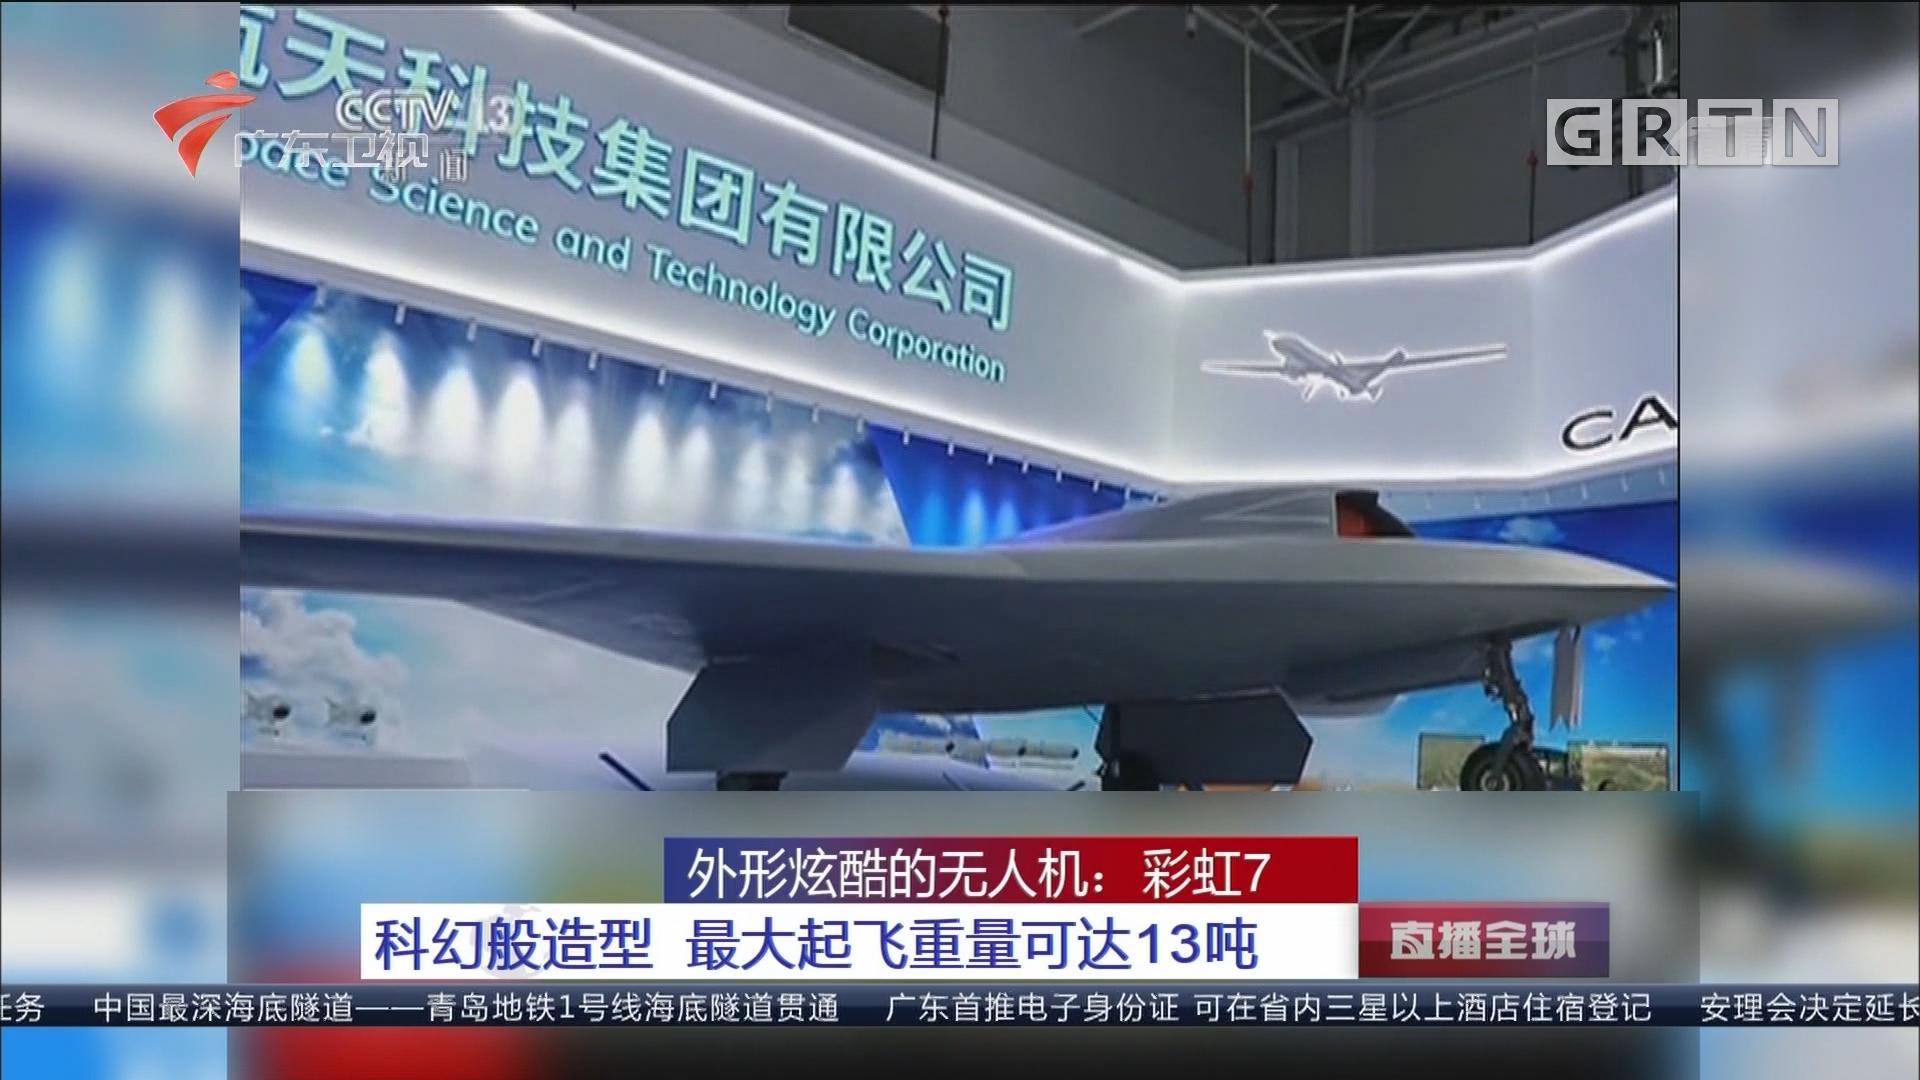 外形炫酷的无人机:彩虹7 科幻般造型 最大起飞重量可达13吨